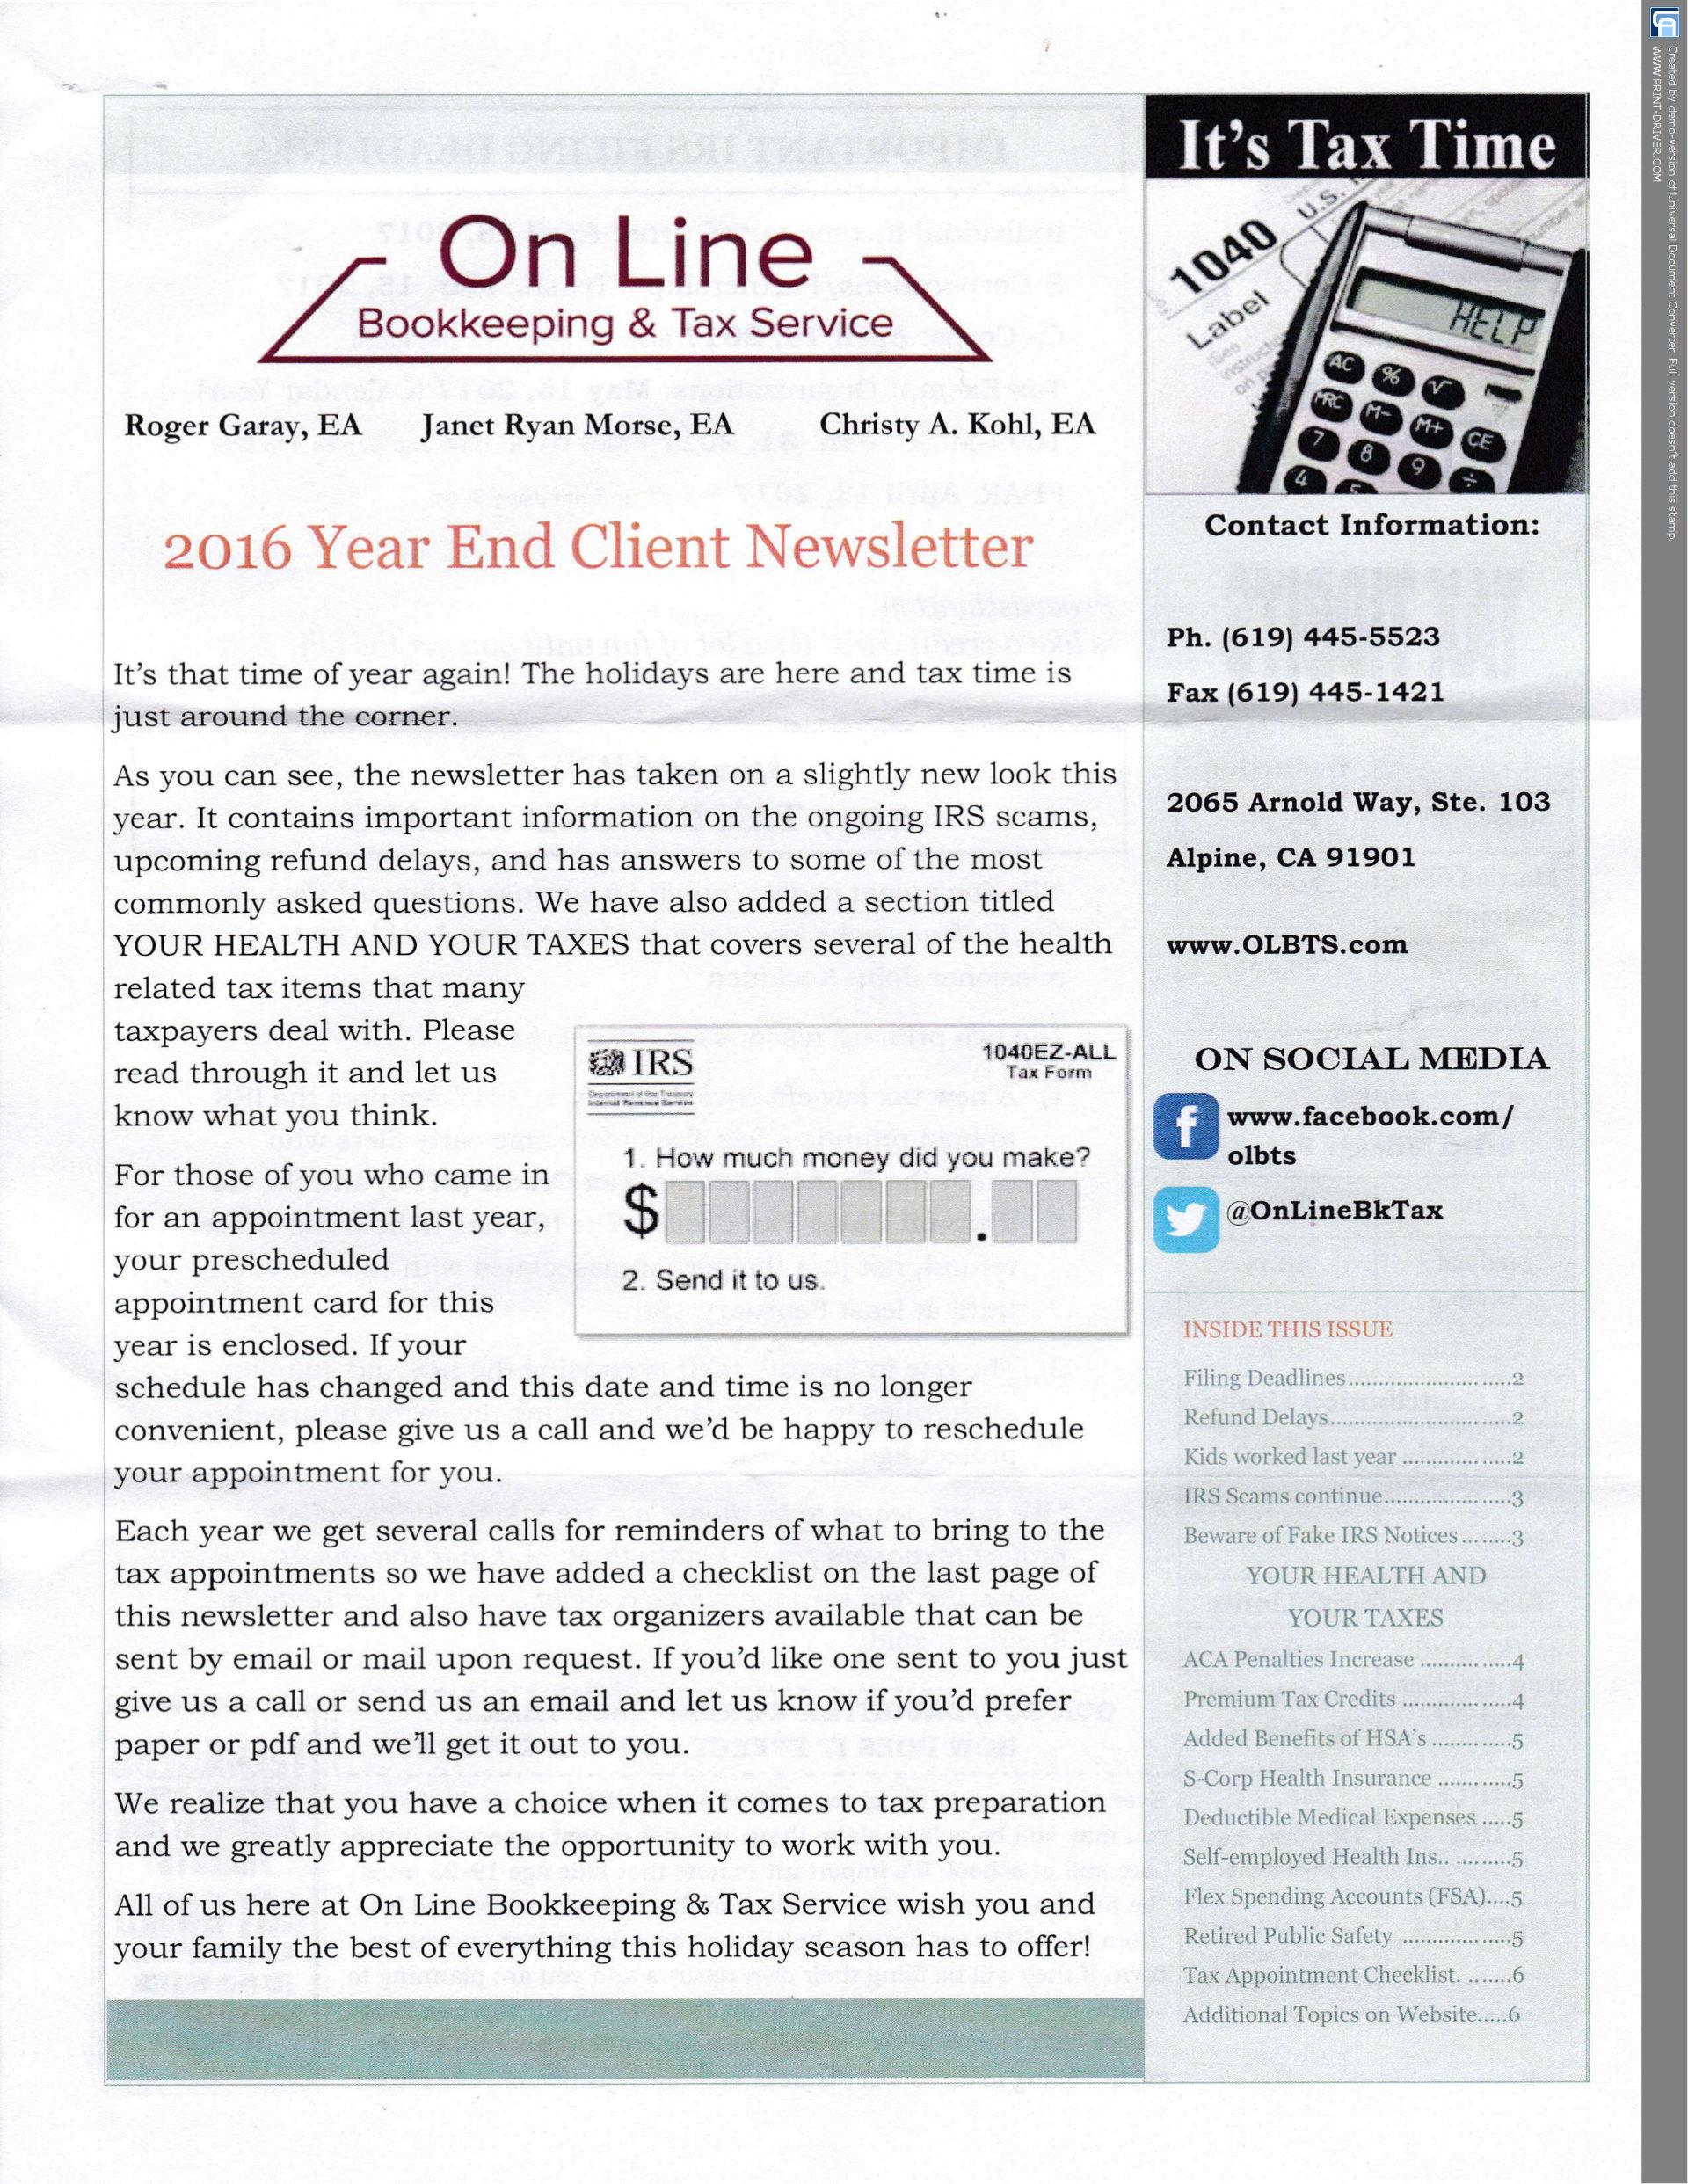 Online-Newsletter-Pg1-w1920.jpg